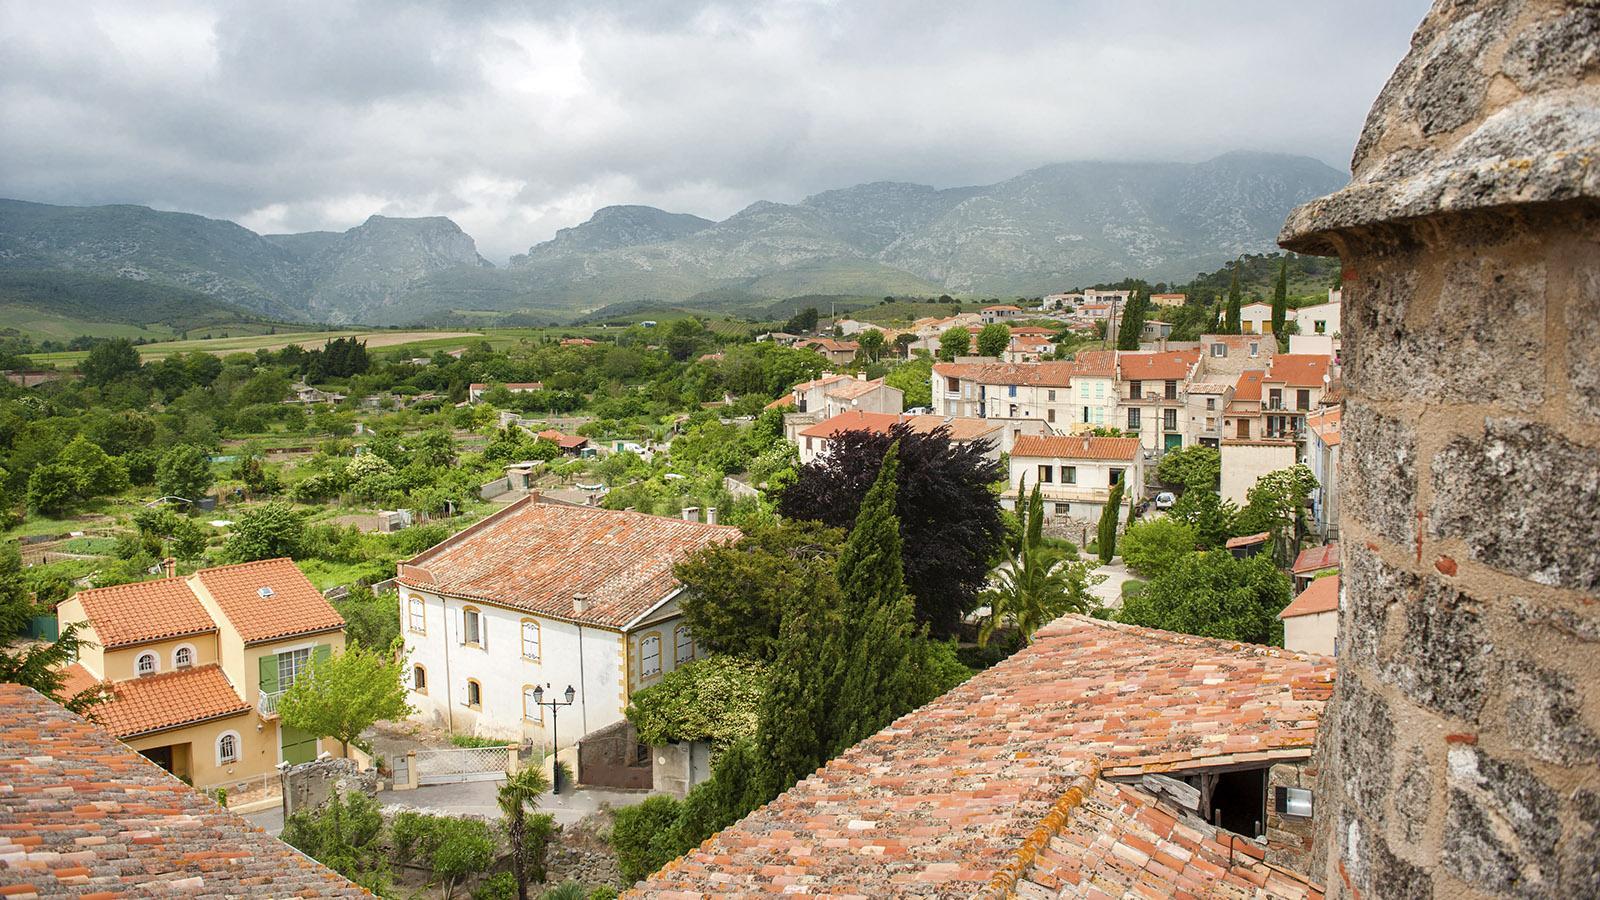 Saint-Paul-de-Fenouillet: Der Blick vom siebeneckigen Glockenturm des Chapître gen Norden, hin zu den Gorges de Galamus. Foto: Hilke Maunder